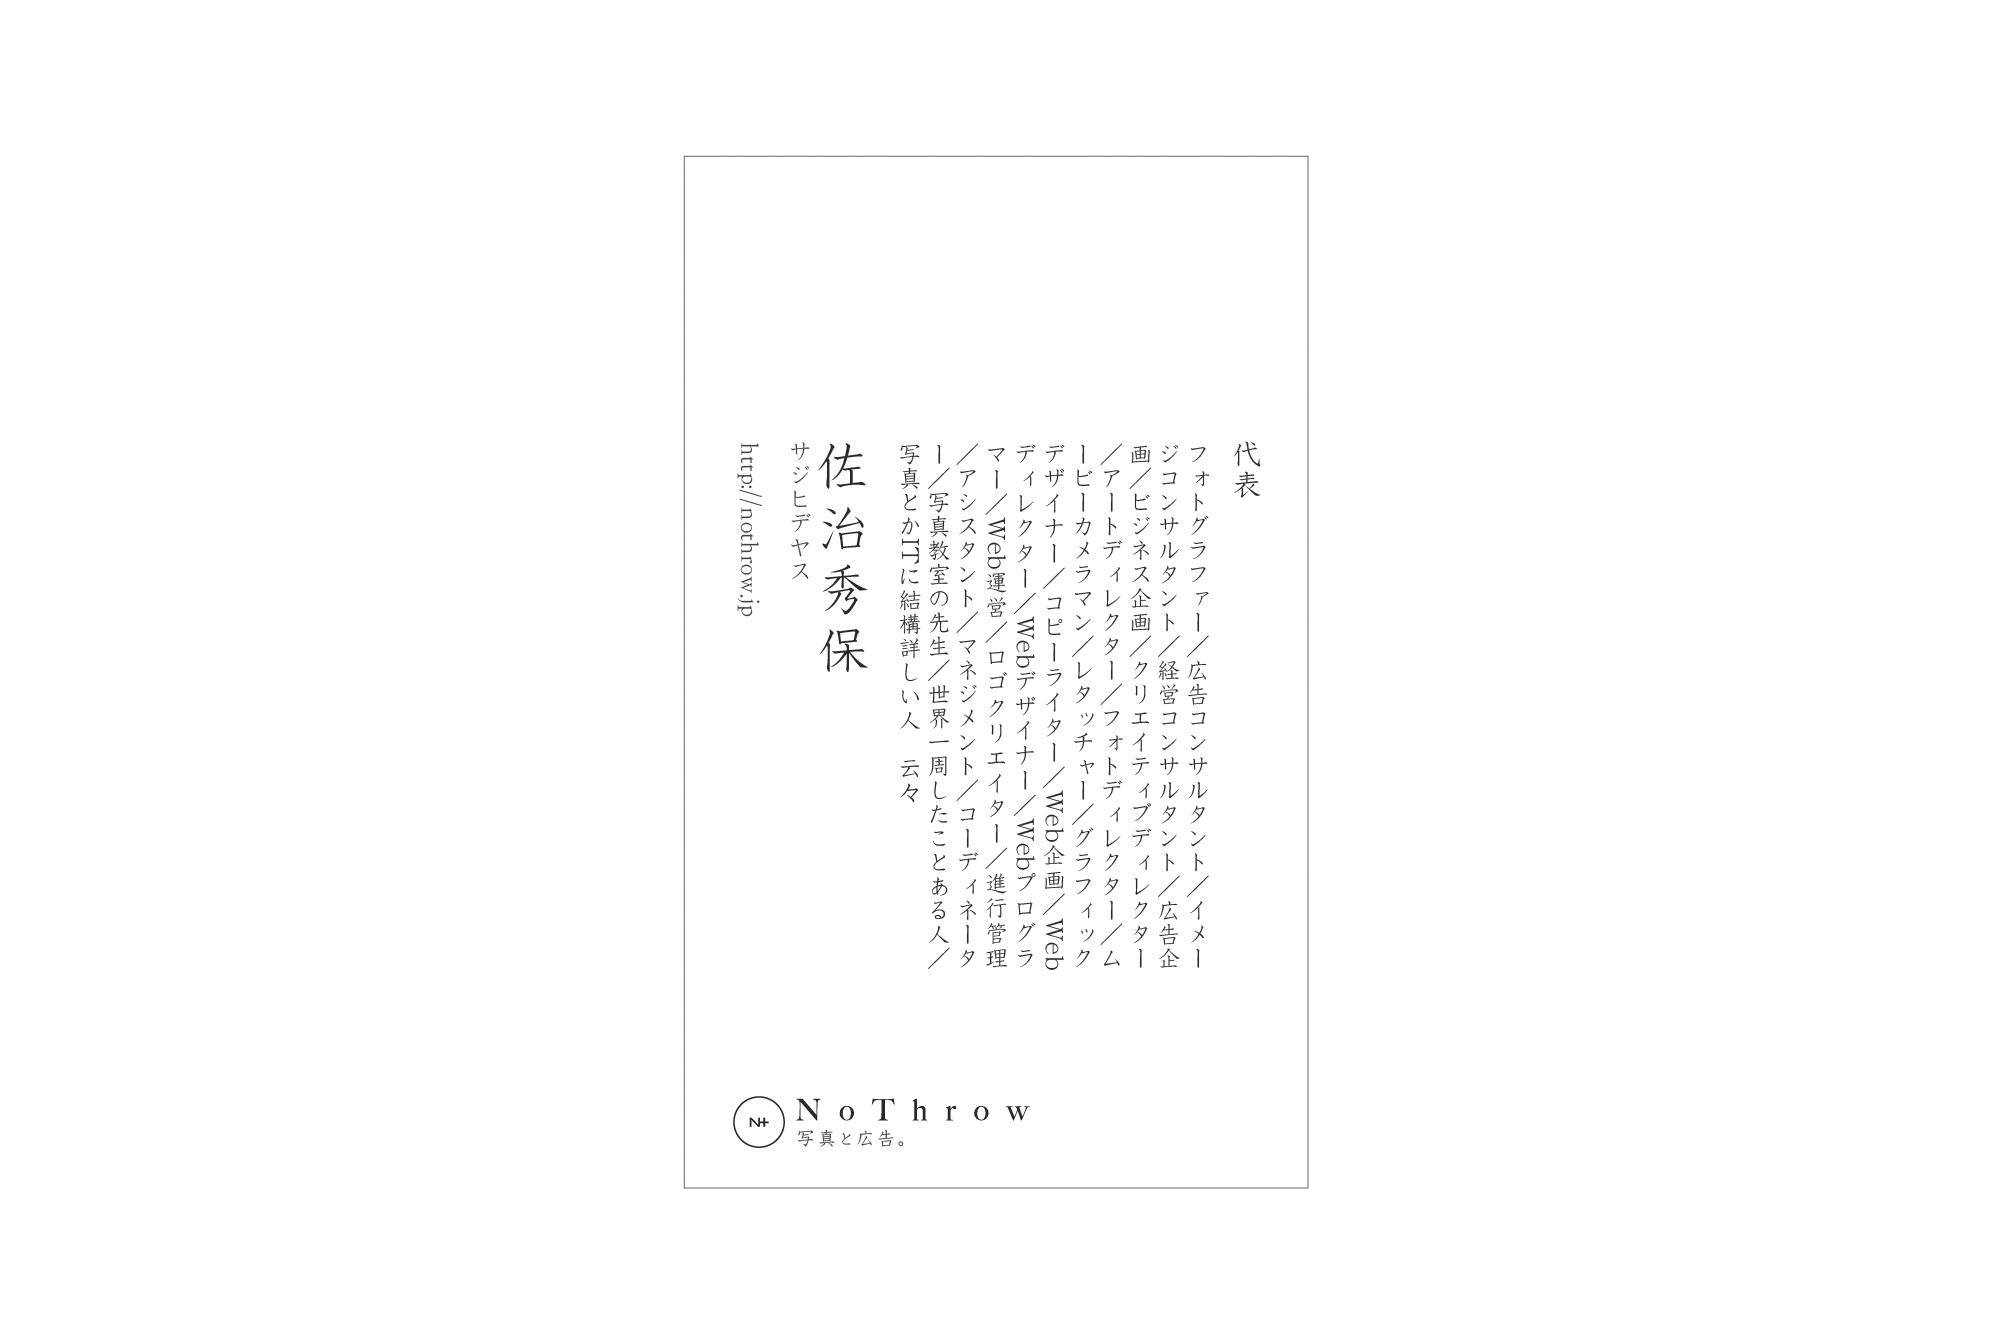 20140606_名刺と肩書き